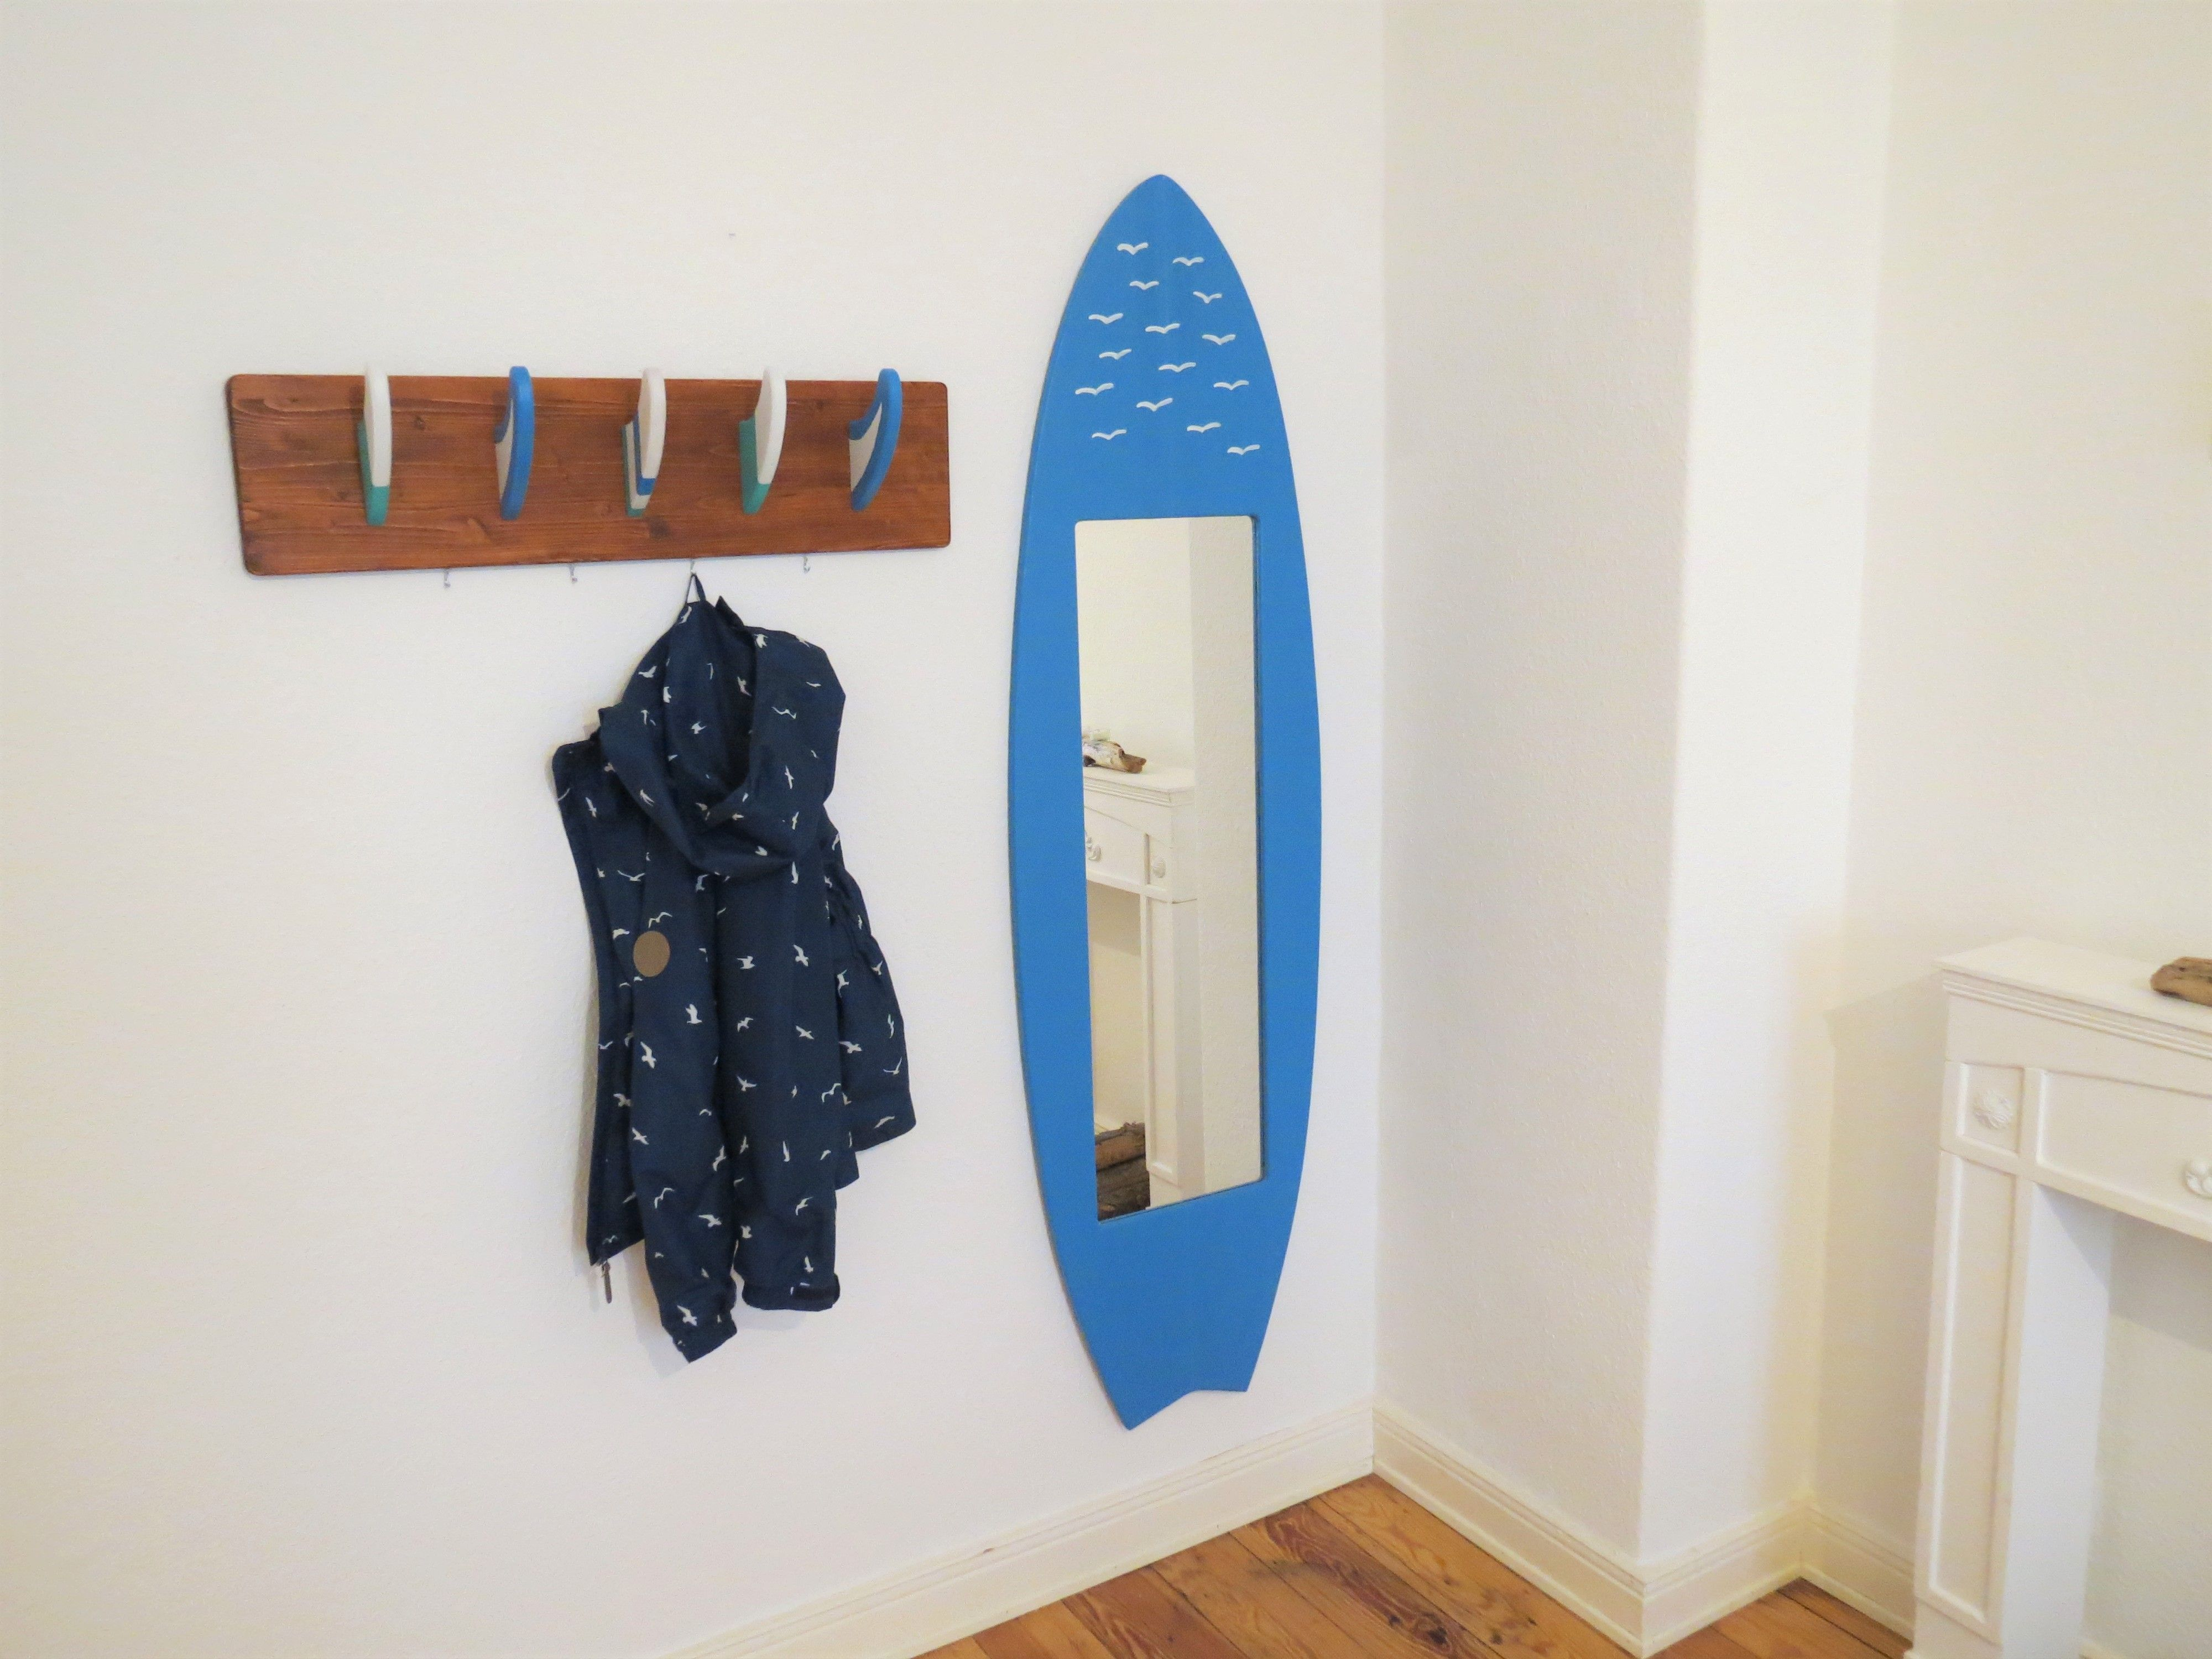 surfbrett surfboard spiegel surf finnen garderobe surf m bel surfstyle hawaii m dchen. Black Bedroom Furniture Sets. Home Design Ideas